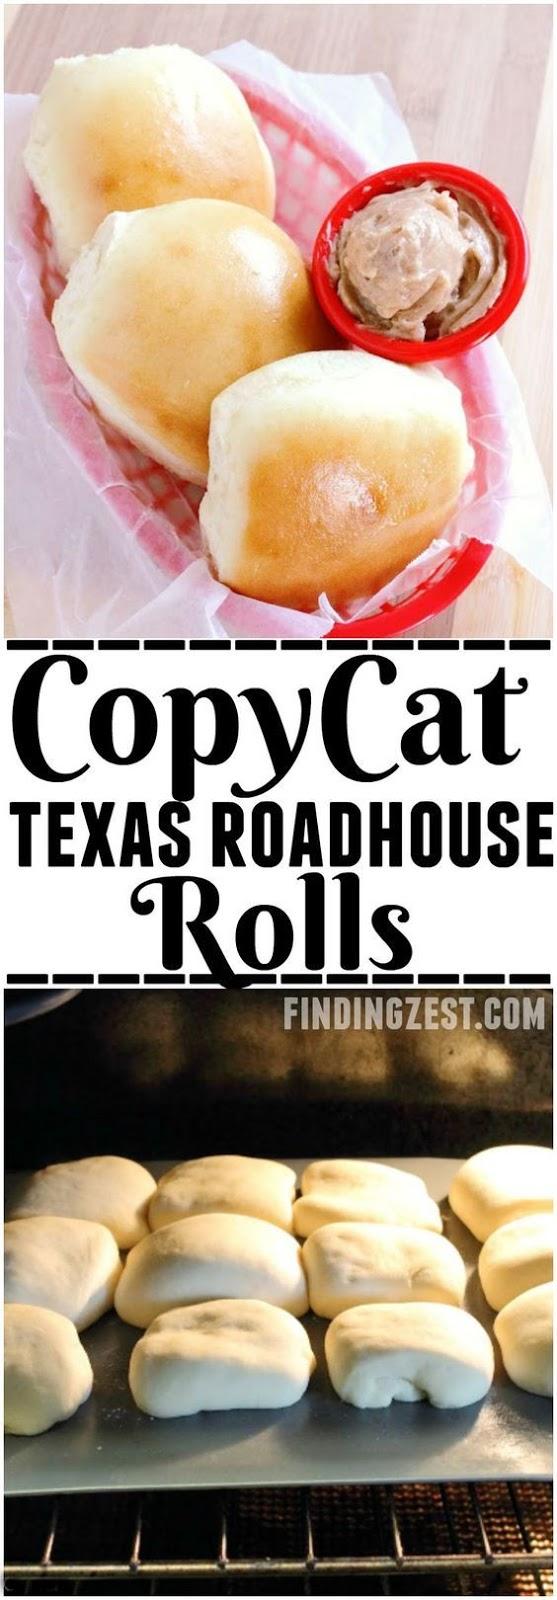 Copycat Texas Roadhouse Rolls and Cinnamon Butter Recipe #roadhouserolls #cinnamon #butter #dinnerrecipes #easydinnerrecipes #dinnerideas